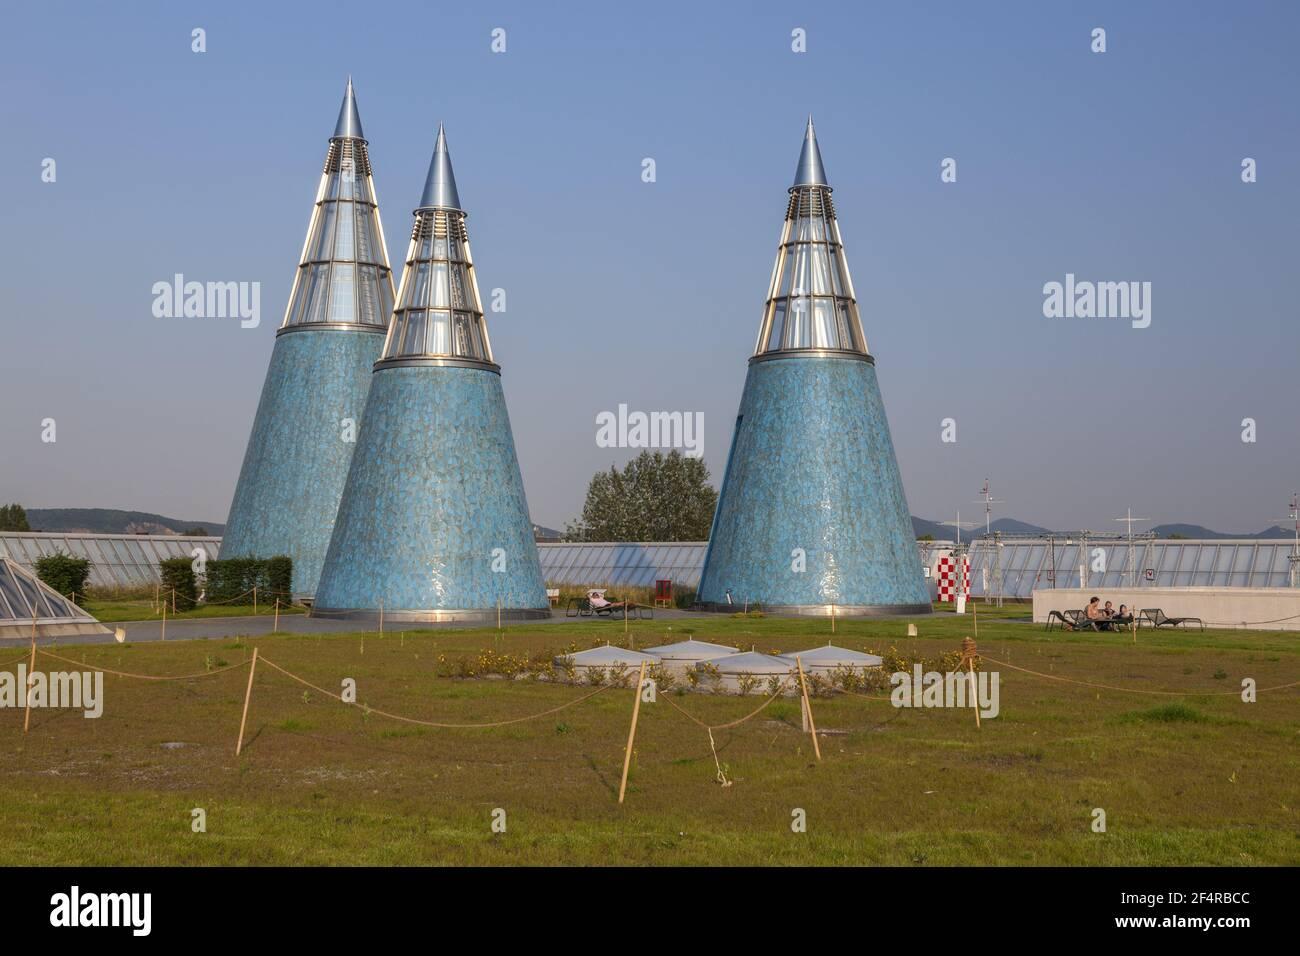 Geografía / viajes, Alemania, Renania del Norte-Westfalia, Bonn, prominente eje de luz en el falso y exhib, Derechos adicionales-liquidación-Info-no-disponible Foto de stock